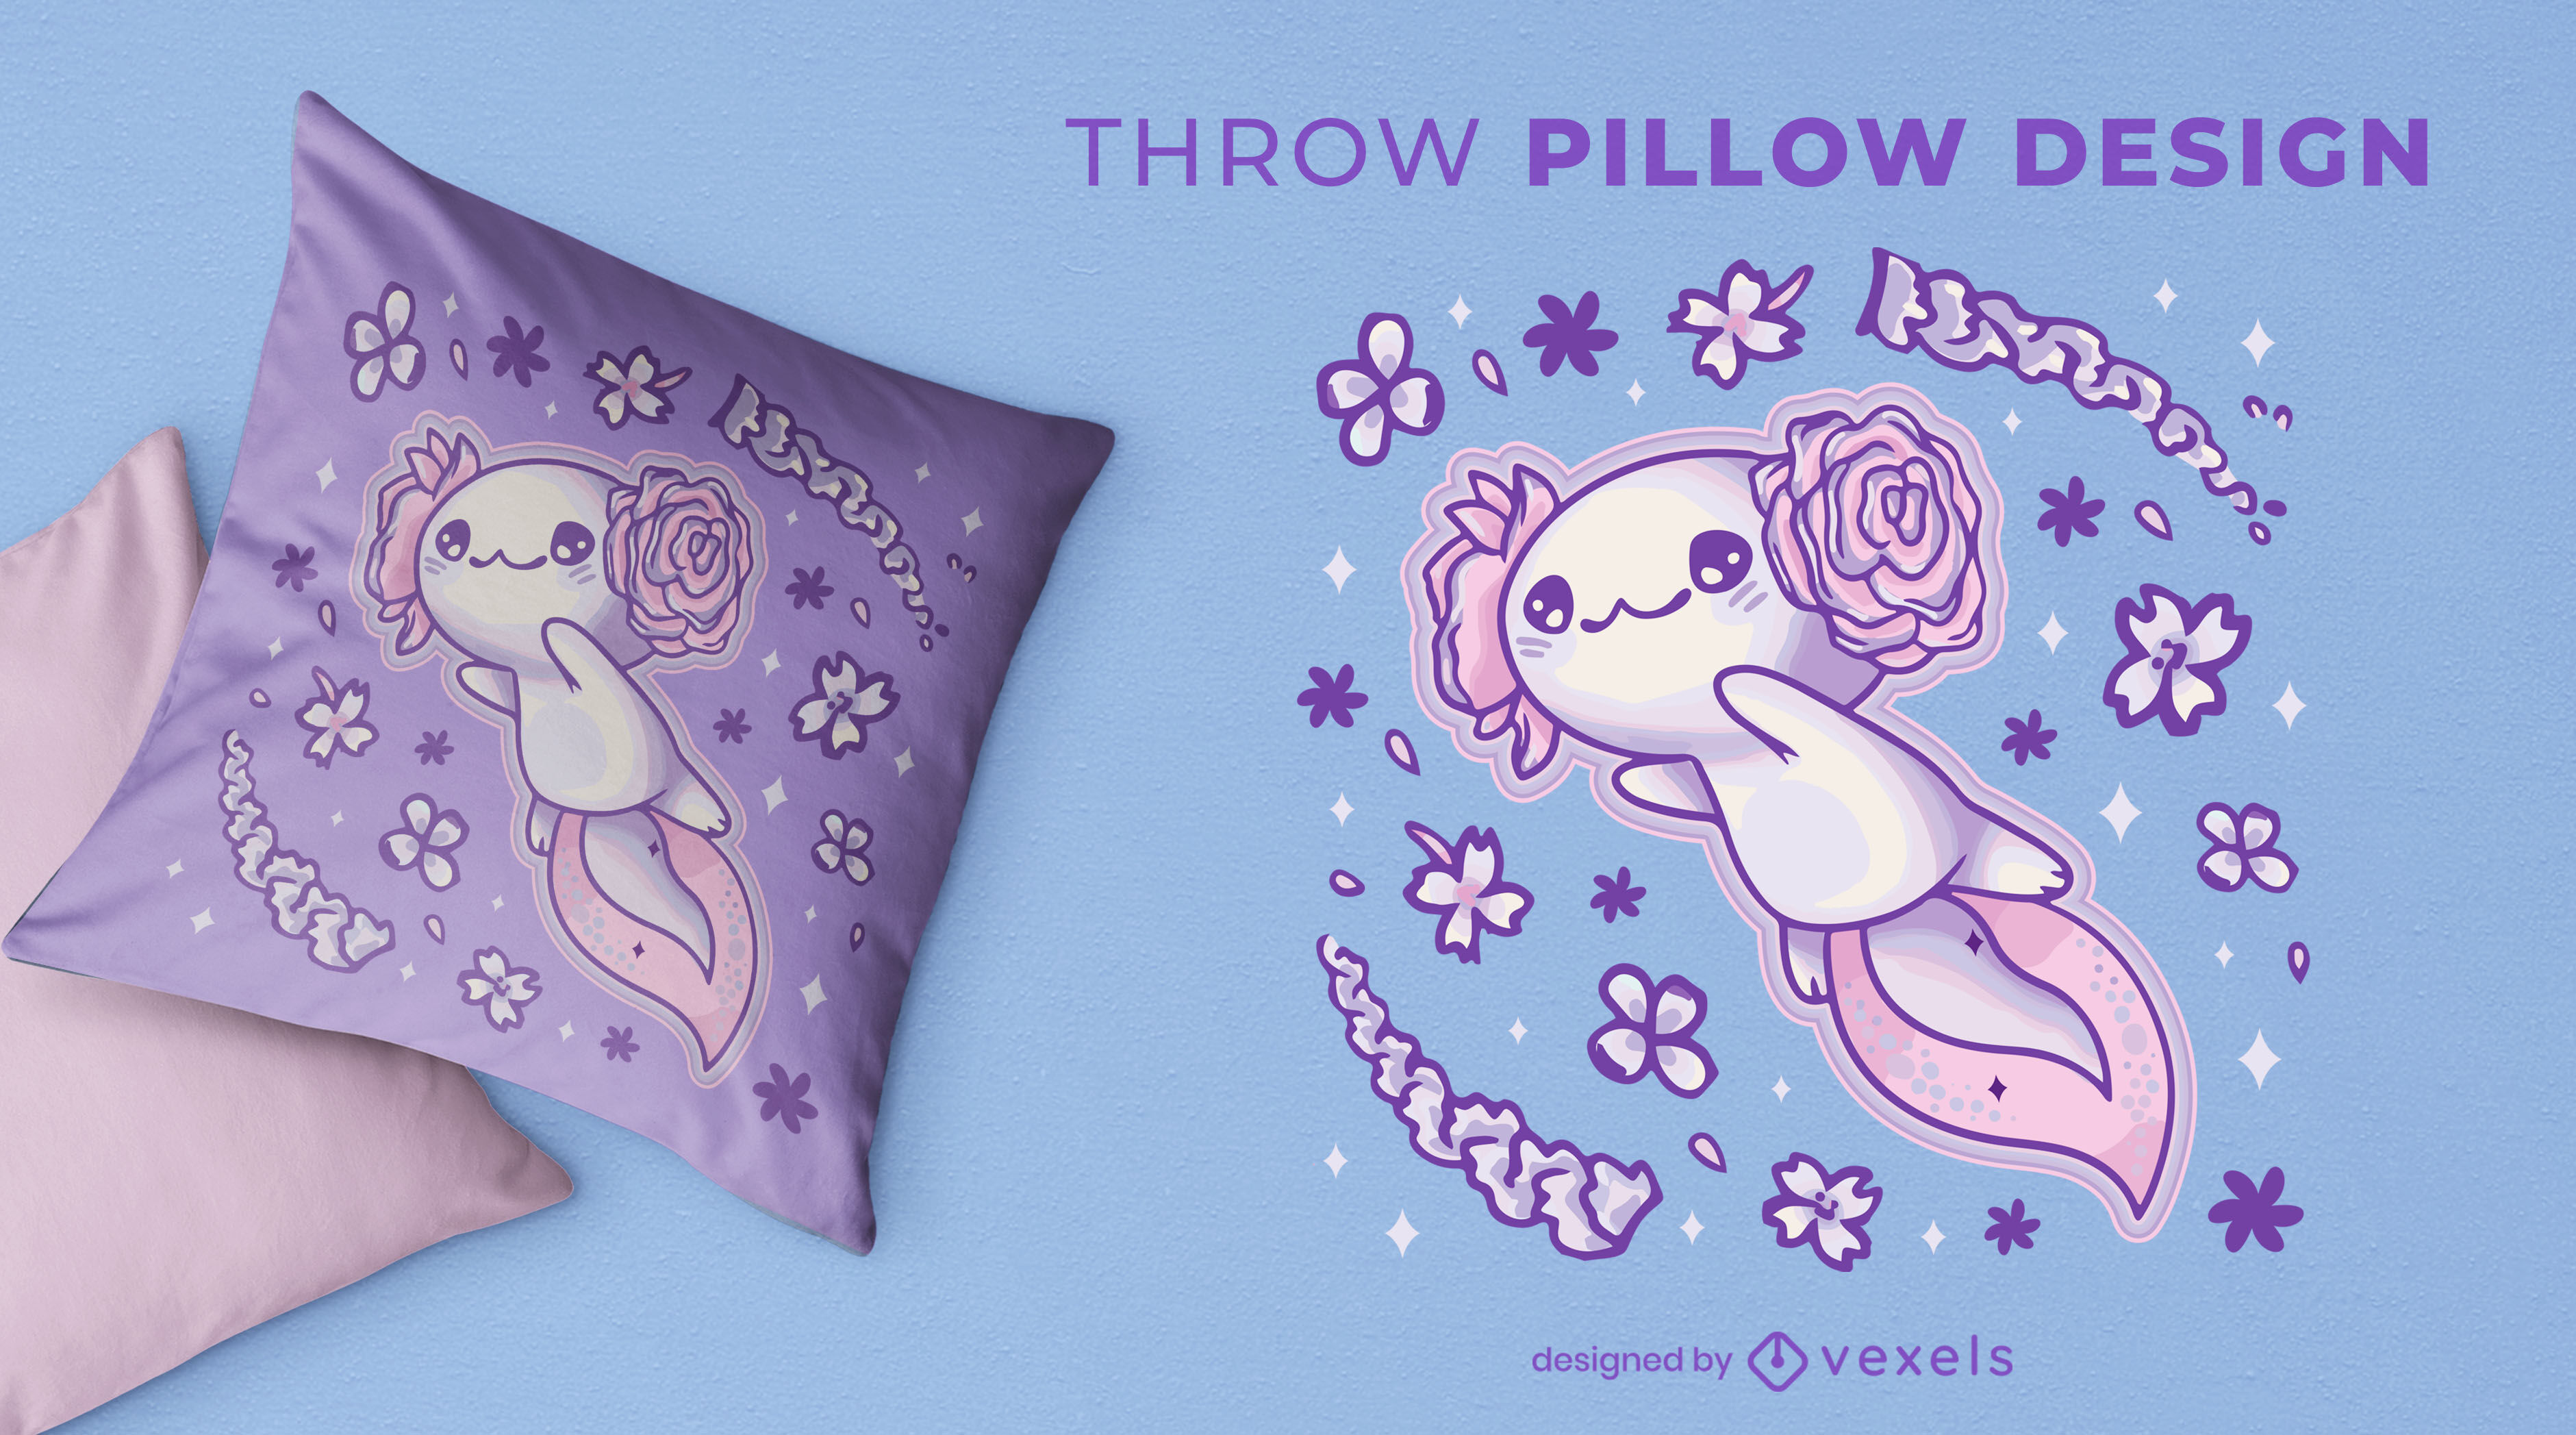 Dise?o lindo de la almohada del tiro del animal del axolotl volador